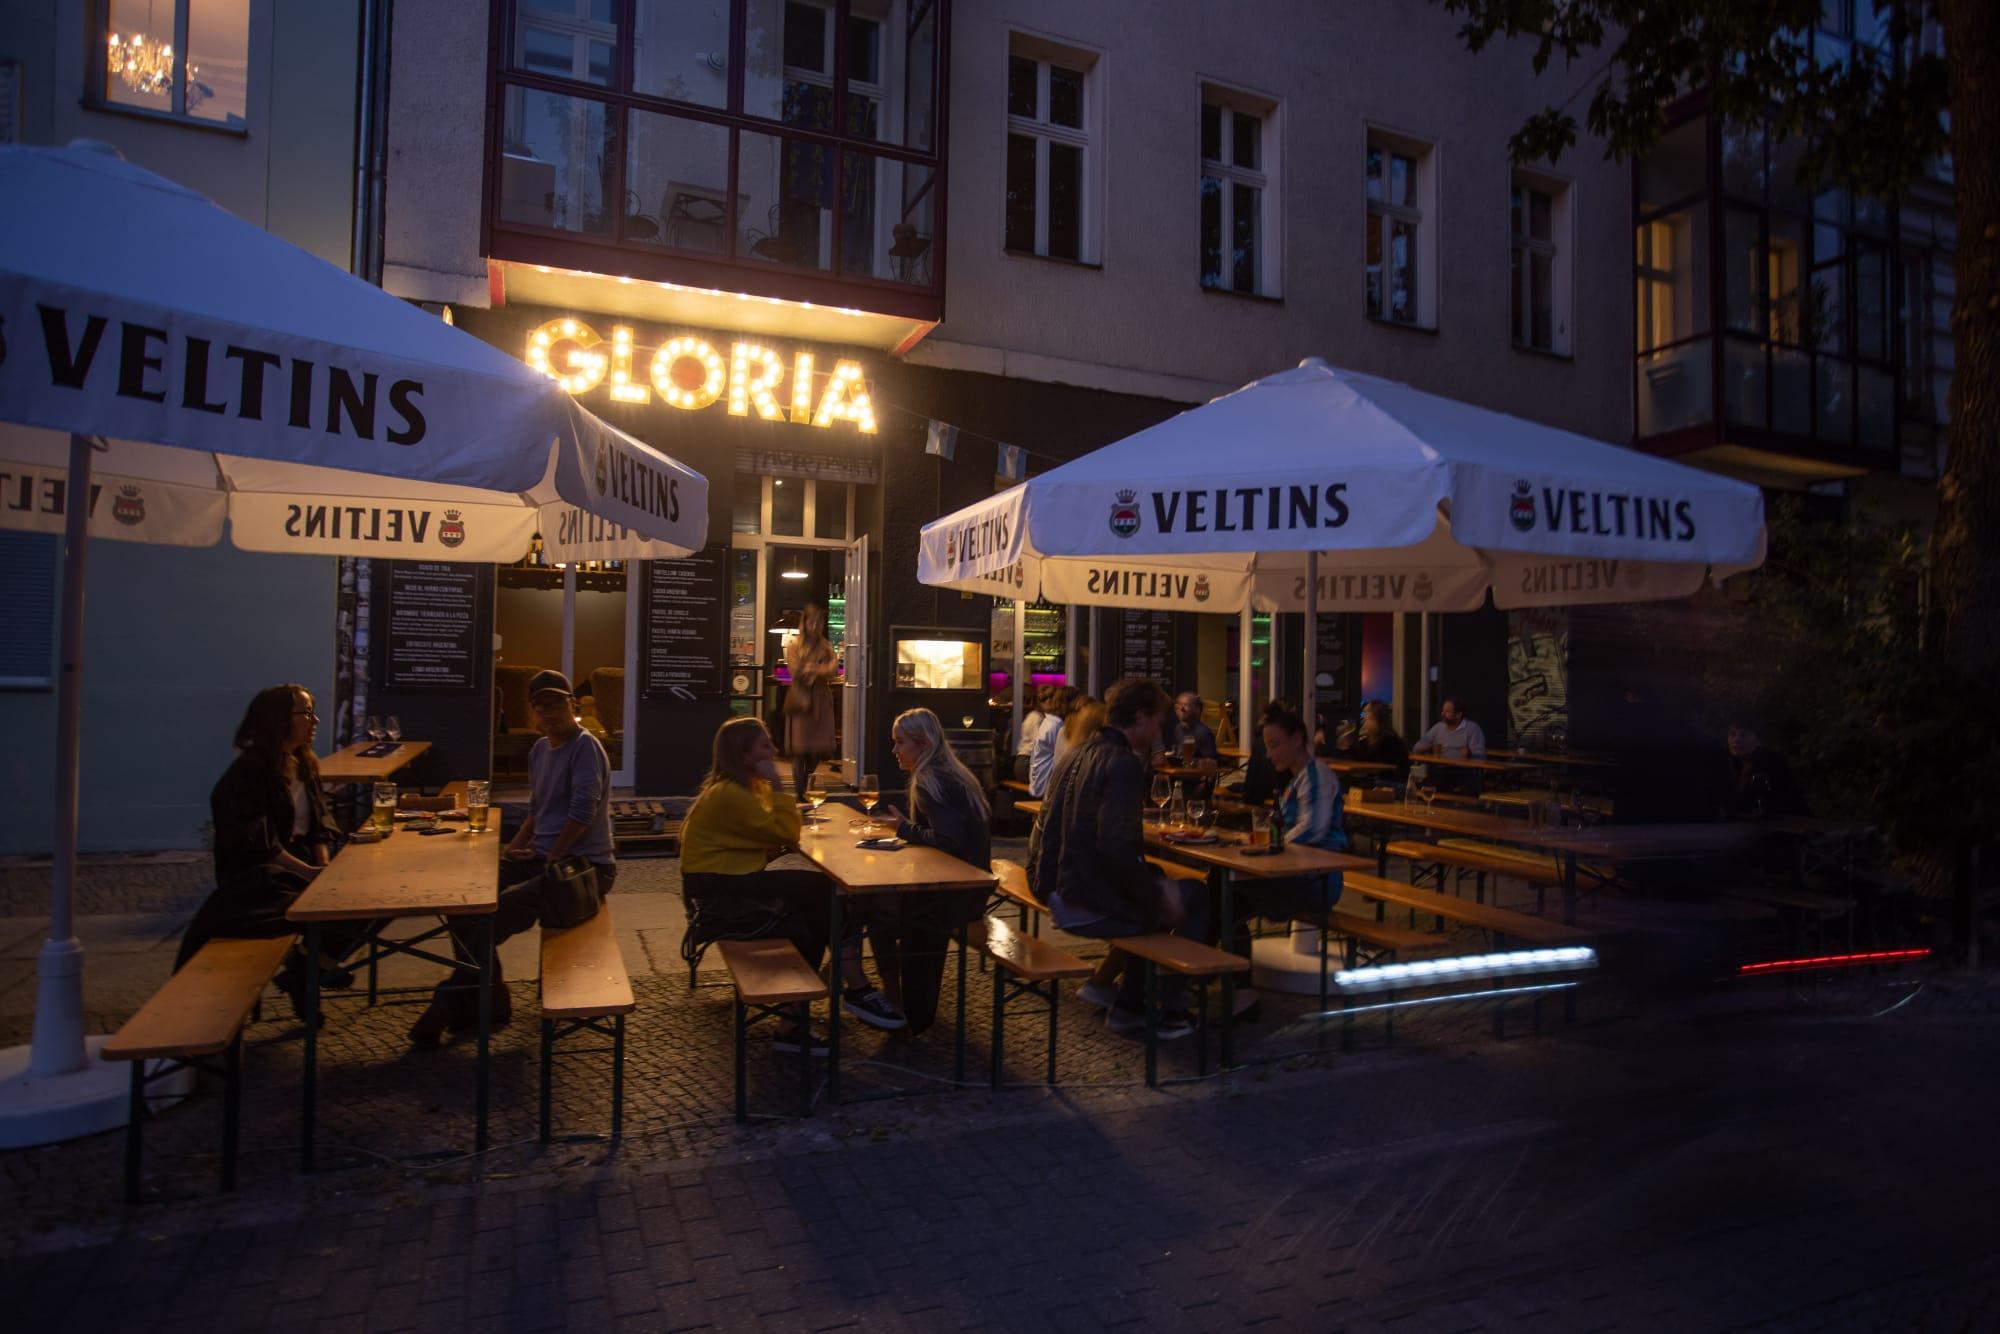 Gloria empanadas - Kreuzberg Lado|B|erlin.